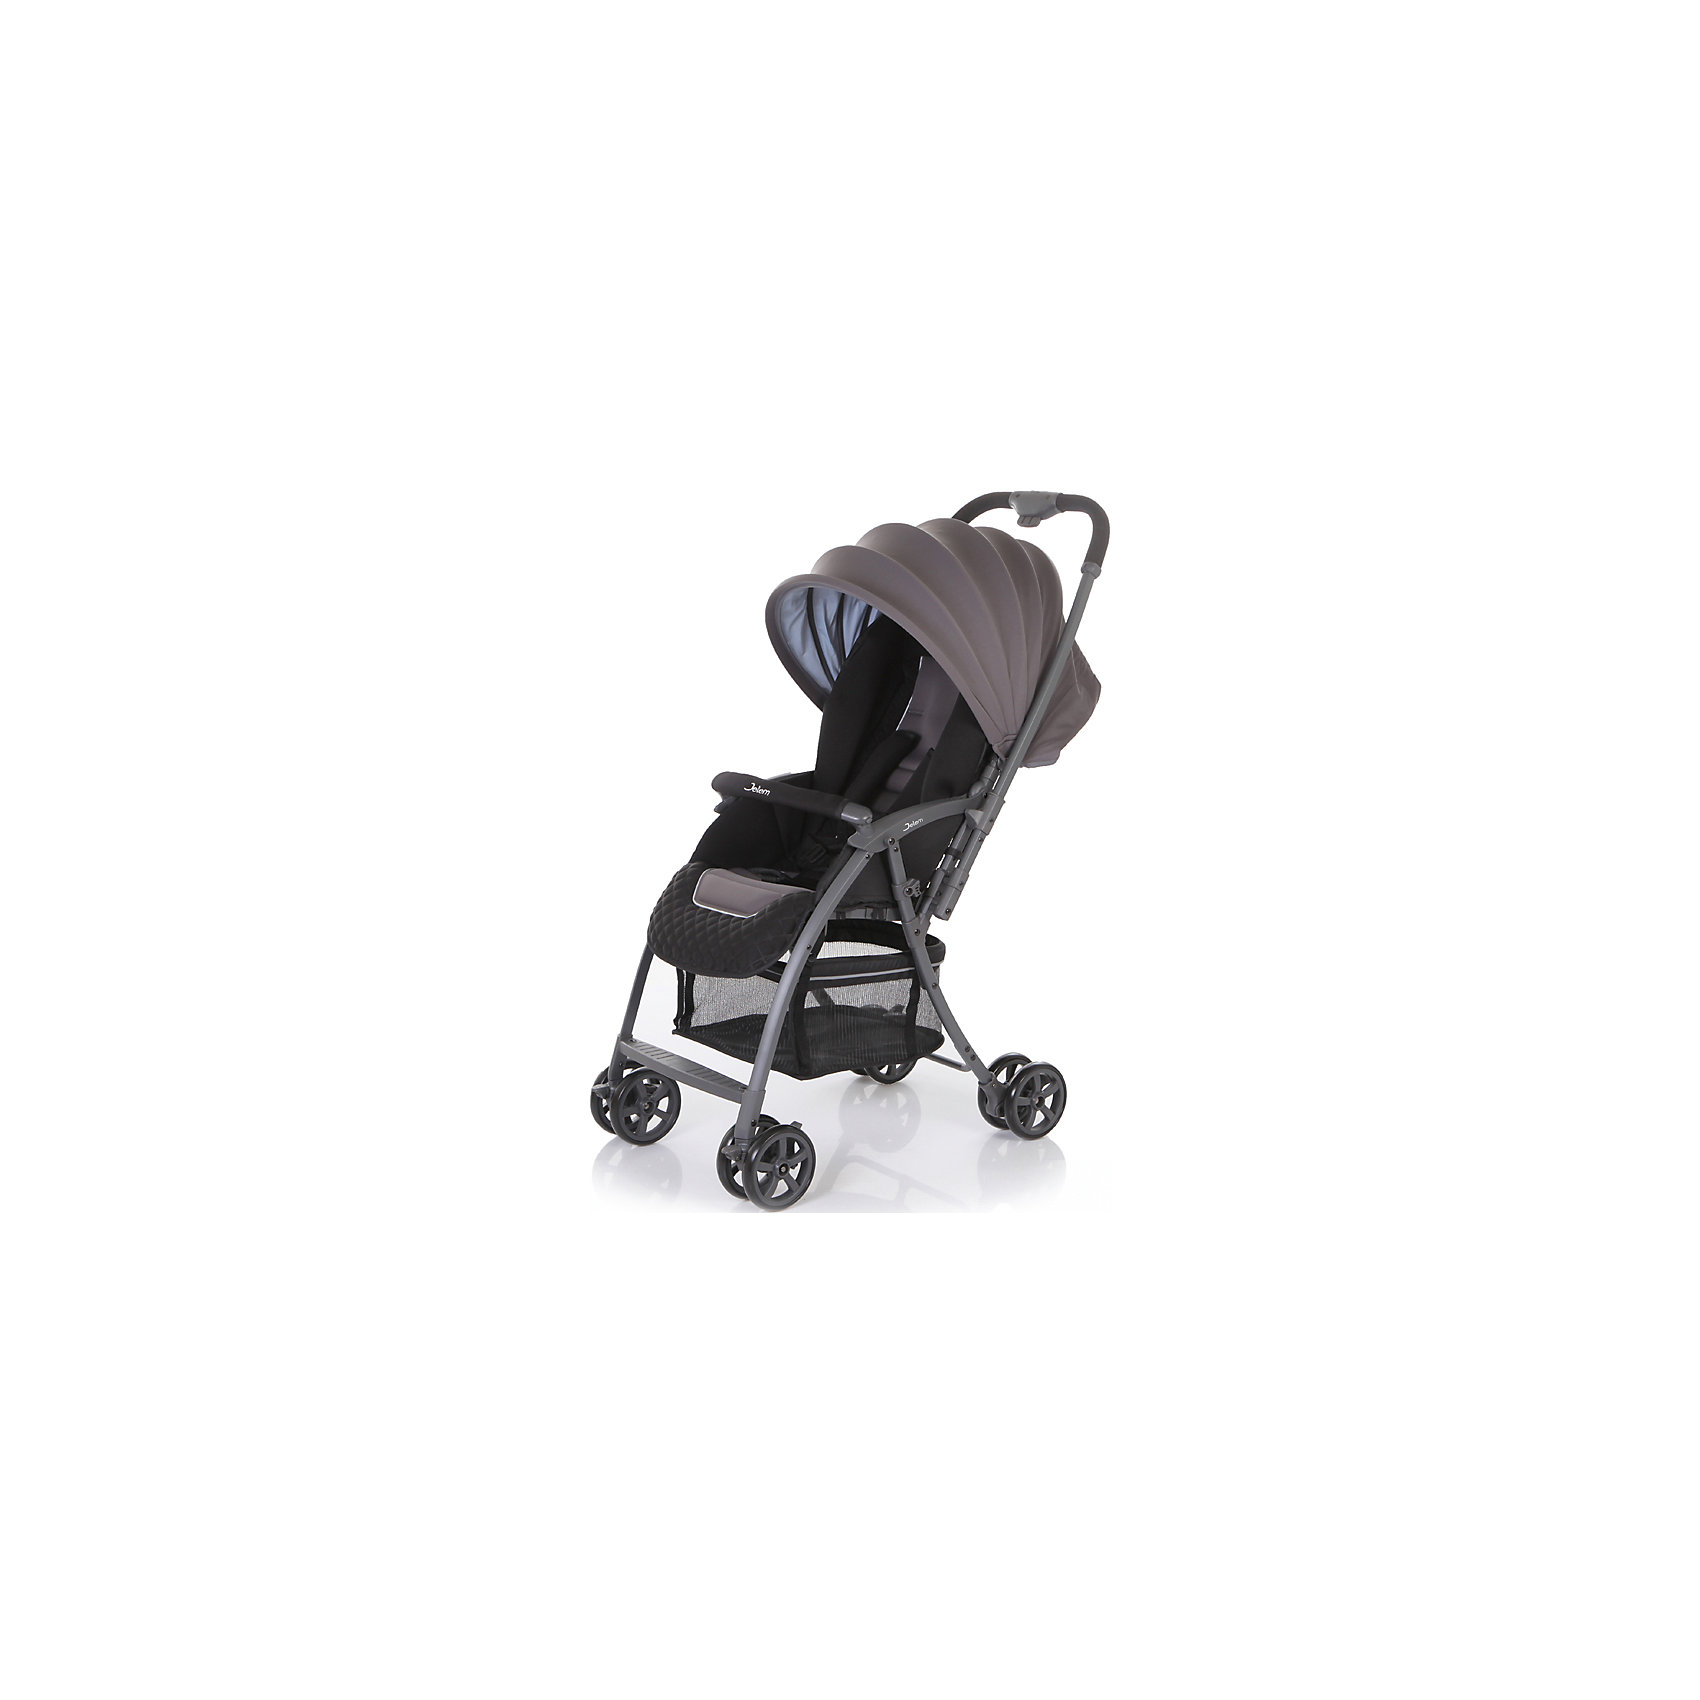 Прогулочная коляска Uno, Jetem, серыйJetem Uno – уникально легкая и функциональная коляска с перекидной ручкой. Идеально подходит для отдыха и прогулок, ее удобно брать с собой в поездки и длительные путешествия. Сдвоенные колеса обеспечивают хорошую проходимость и устойчивость. Передние поворотные колеса с фиксацией - для маневренности и быстроты передвижения. Регулируемая с помощью ремня спинка и большой капюшон, раскладывающийся до бампера, позволят вашему крохе спокойно отдыхать в любой ситуации. Материал обивки мягкий и приятный на ощупь, он легко моется и быстро сохнет. 5-титочечные ремни и мягкий съемный бампер обеспечивают комфорт и безопасность даже самому активному малышу. Коляска быстро и легко складывается, в сложенном виде может самостоятельно стоять, занимает очень мало места при транспортировке и хранении. <br><br>Дополнительная информация:<br><br>- Механизм складывания: книжка.<br>- Комплектация: коляска, чехол на ножки.<br>- Материал: металл, пластик, текстиль, резина.<br>- Размер: 59х45х110 см<br>- Размер в сложенном виде: 27х45х94 см.<br>- Размер колесной базы: 59 см.<br>- Ширина сиденья: 32 см.<br>- Вес: 4,7<br>- Количество колес: 4 (сдвоенные).<br>- Диаметр колес: 12,7 см.<br>- Цвет: серый.<br>- Передние колеса поворотные, с возможностью блокировки.<br>- Стояночный тормоз.<br>- 5-ти точечные ремни безопасности.<br>- Съемный бампер.<br>- Регулировка спинки в 3 положениях. <br>- регулируемая подножка.<br>- Перекидная ручка.<br>- Солнцезащитный козырек.<br>- Вместительная корзина для покупок.<br><br>Прогулочную коляску Uno, Jetem (Жетем), серую, можно купить в нашем магазине.<br><br>Ширина мм: 1000<br>Глубина мм: 450<br>Высота мм: 270<br>Вес г: 6750<br>Возраст от месяцев: 6<br>Возраст до месяцев: 36<br>Пол: Унисекс<br>Возраст: Детский<br>SKU: 3995814